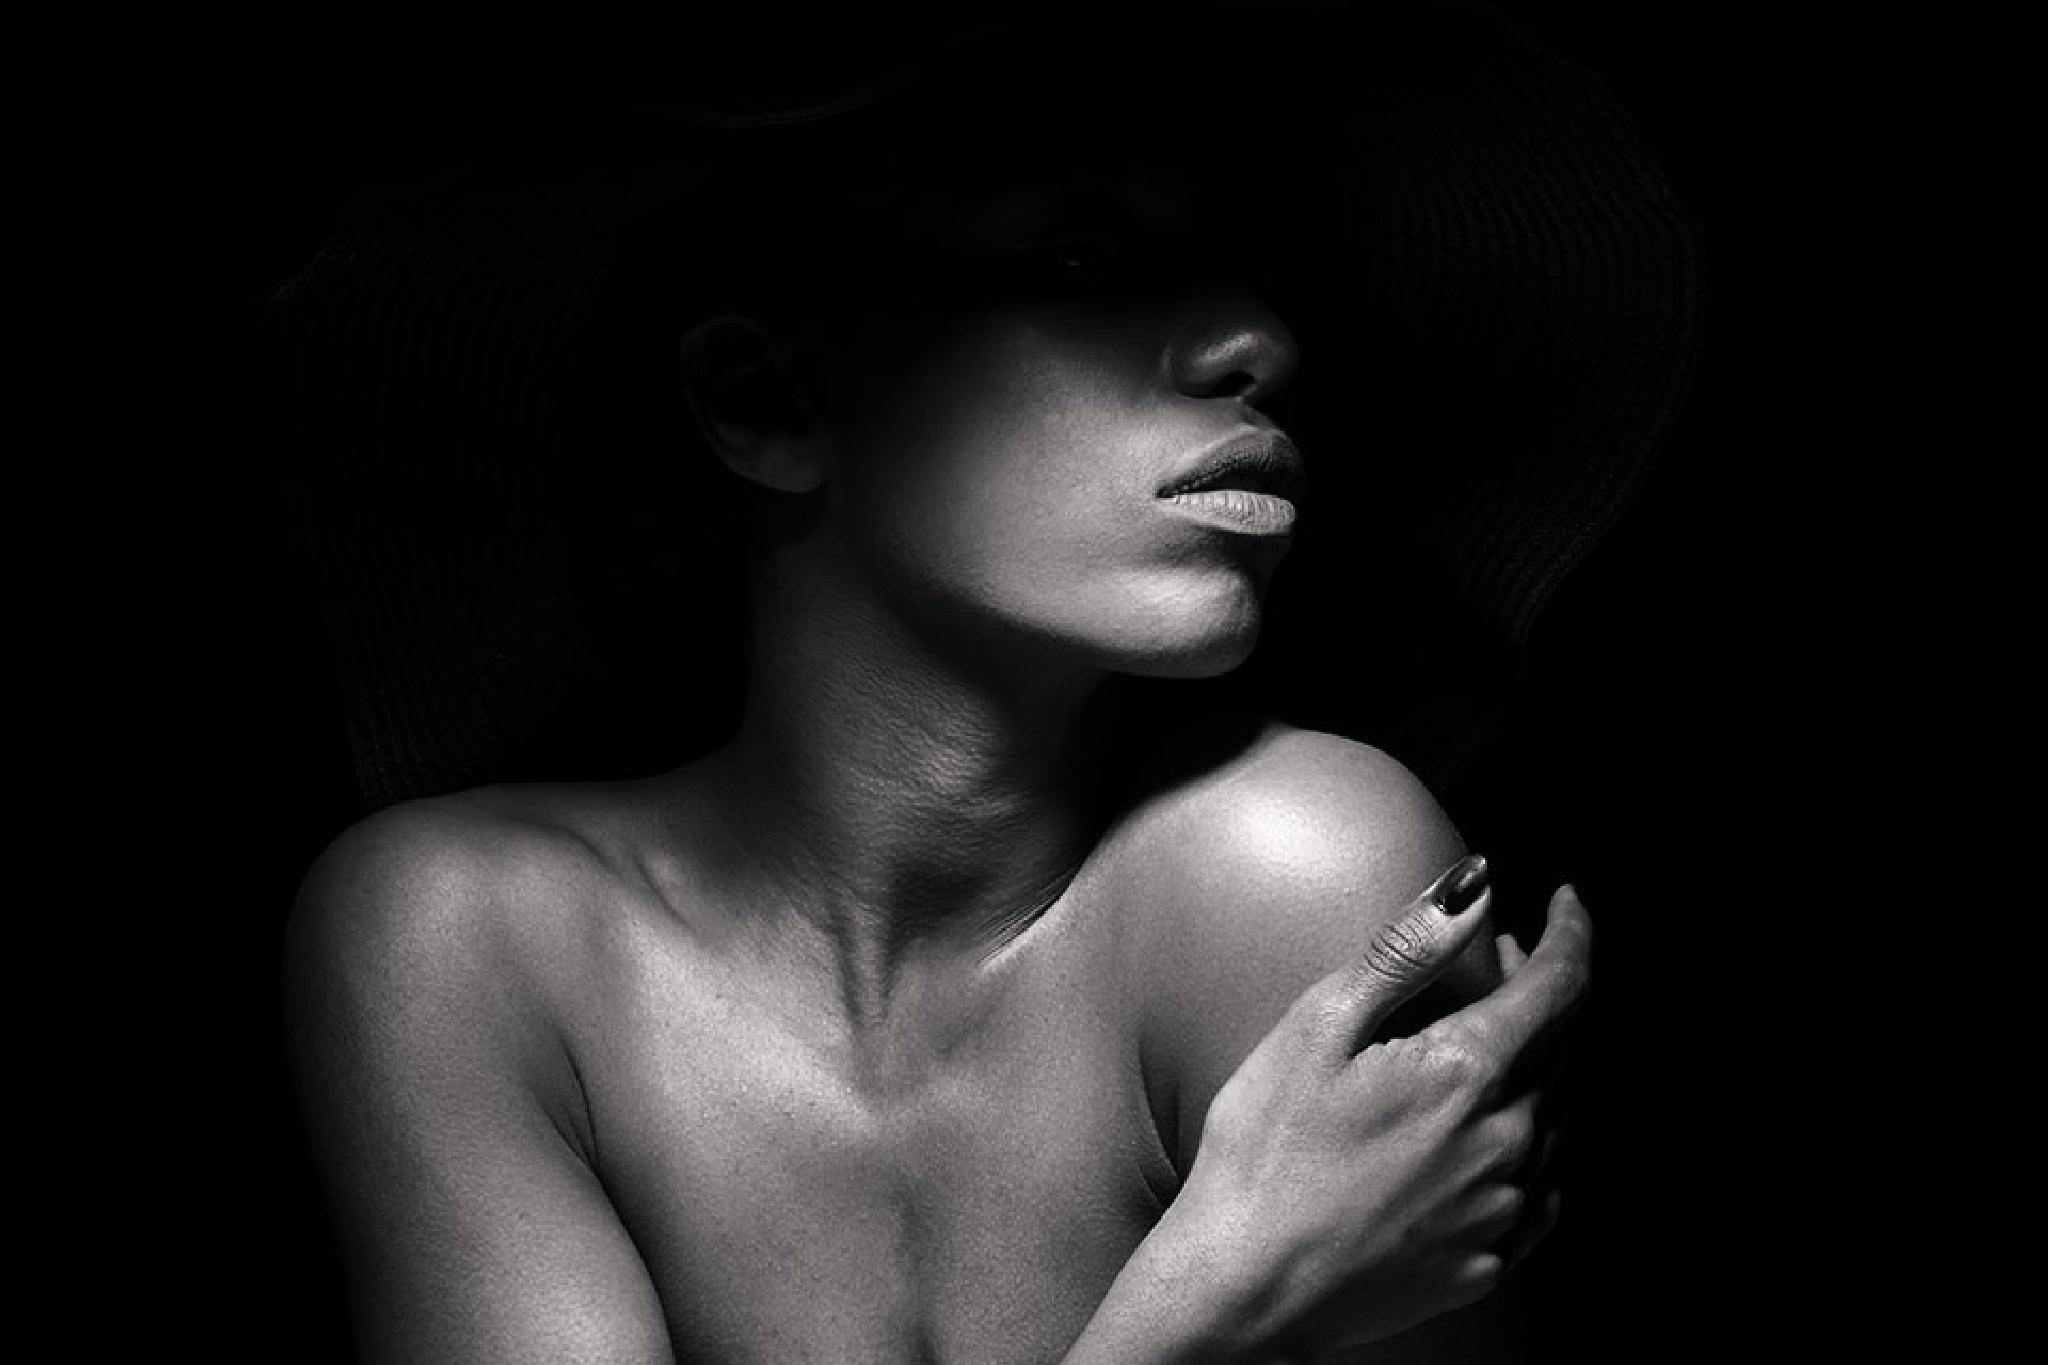 in the shadow of the hat by Krystian Marcin Chrzanowski